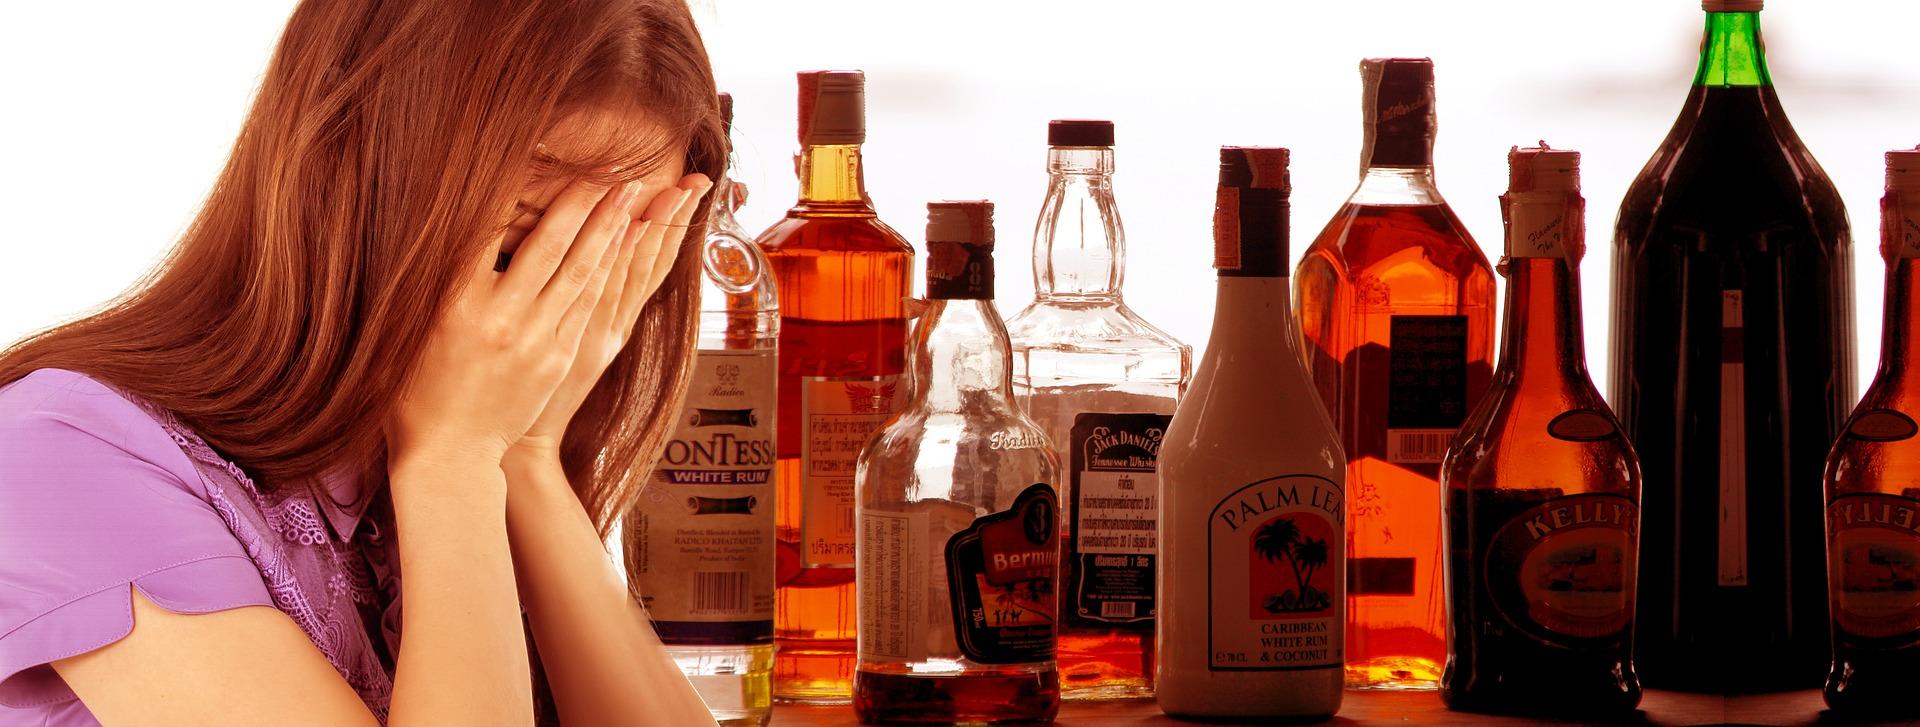 143179-pour-celles-et-ceux-qui-sont-prisonniers-de-l-alcool